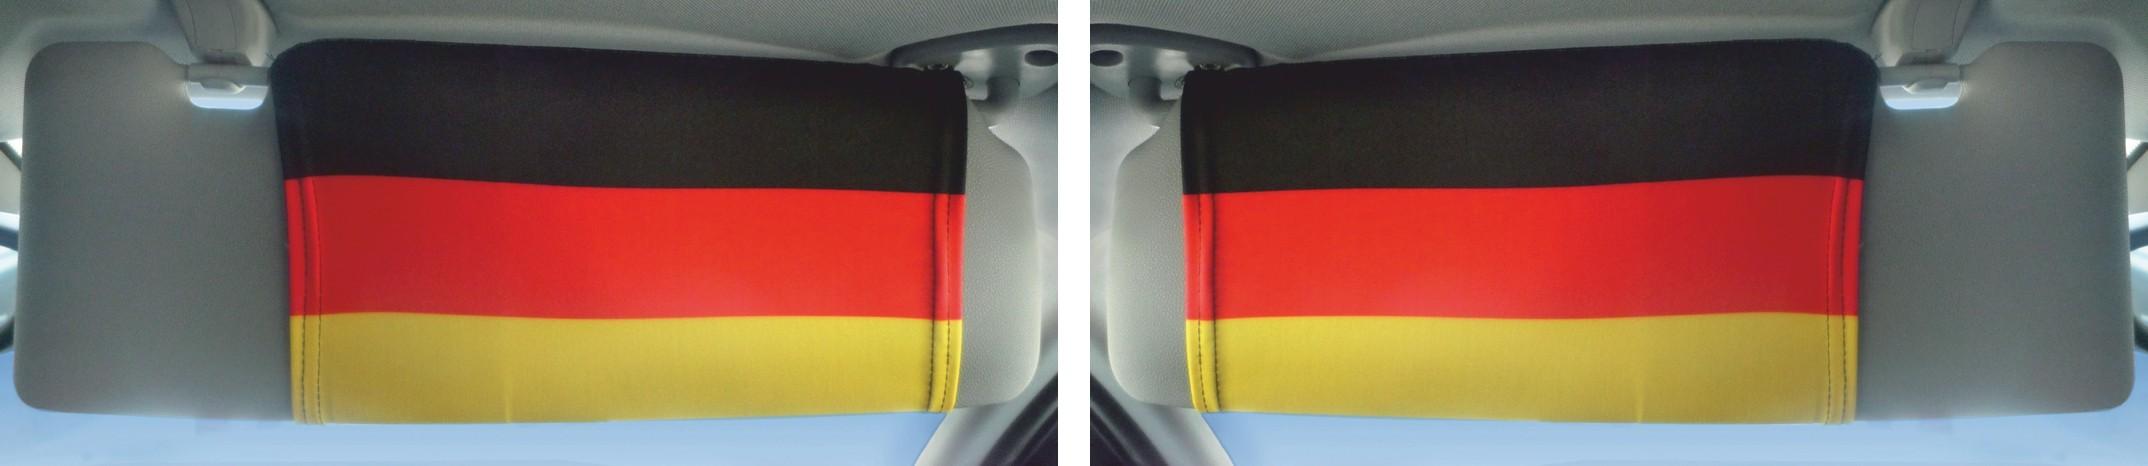 Sonnenblendenflagge 2er-Set Deutschland Deutschland Fanartikel Olympia – Bild 3